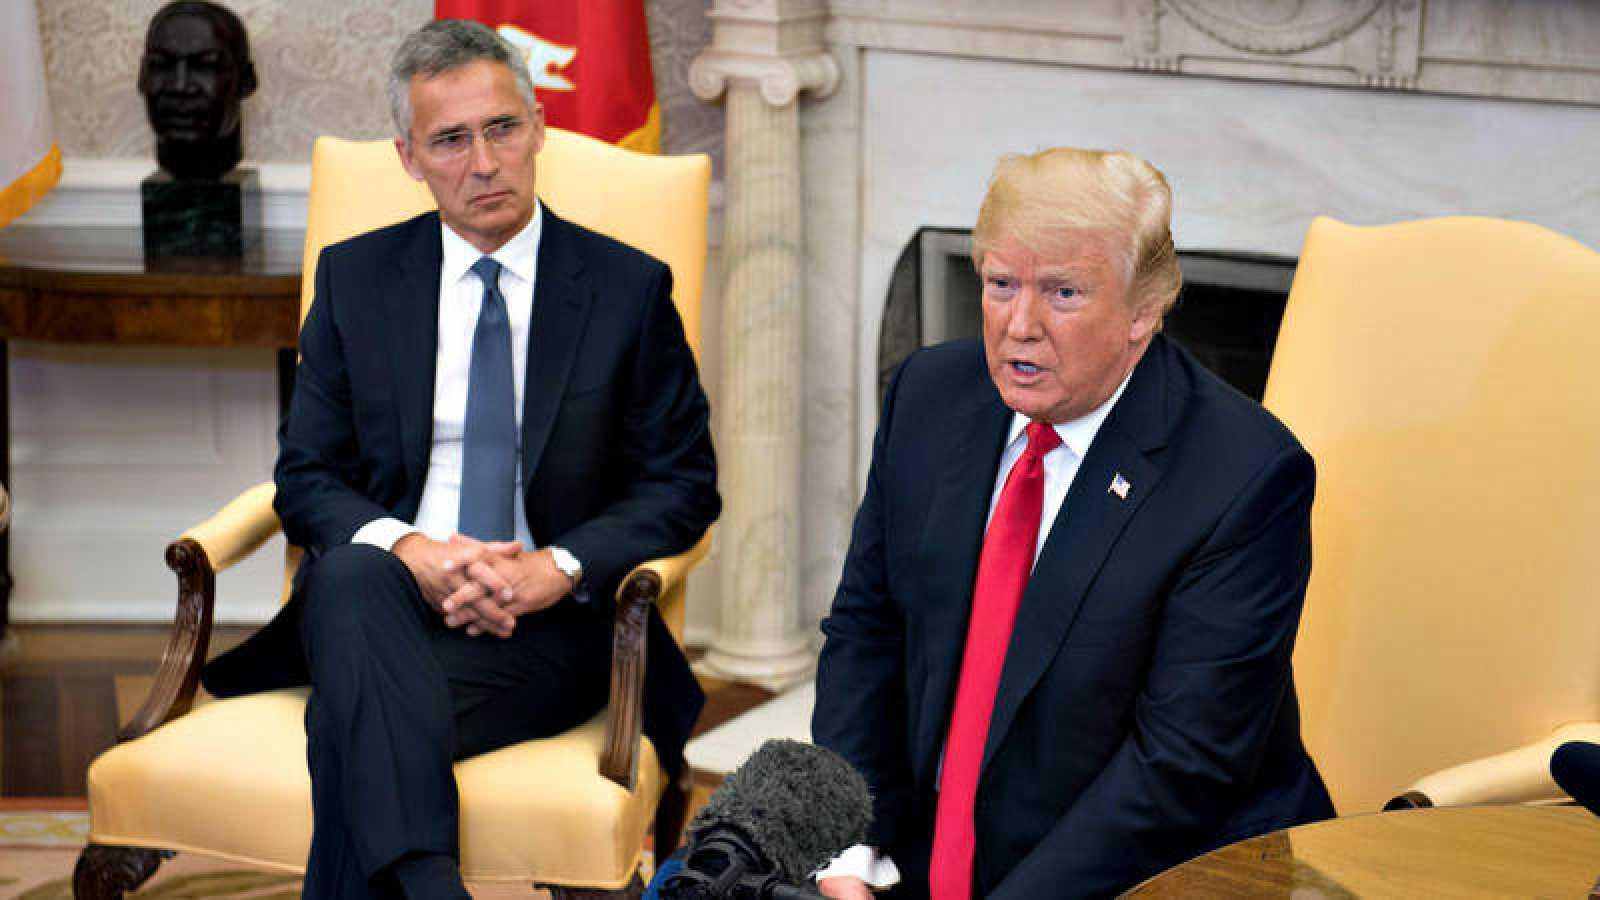 El presidente de Estados Unidos, Donald Trump, recibe al secretario general de la OTAN, Jens Stoltenberg